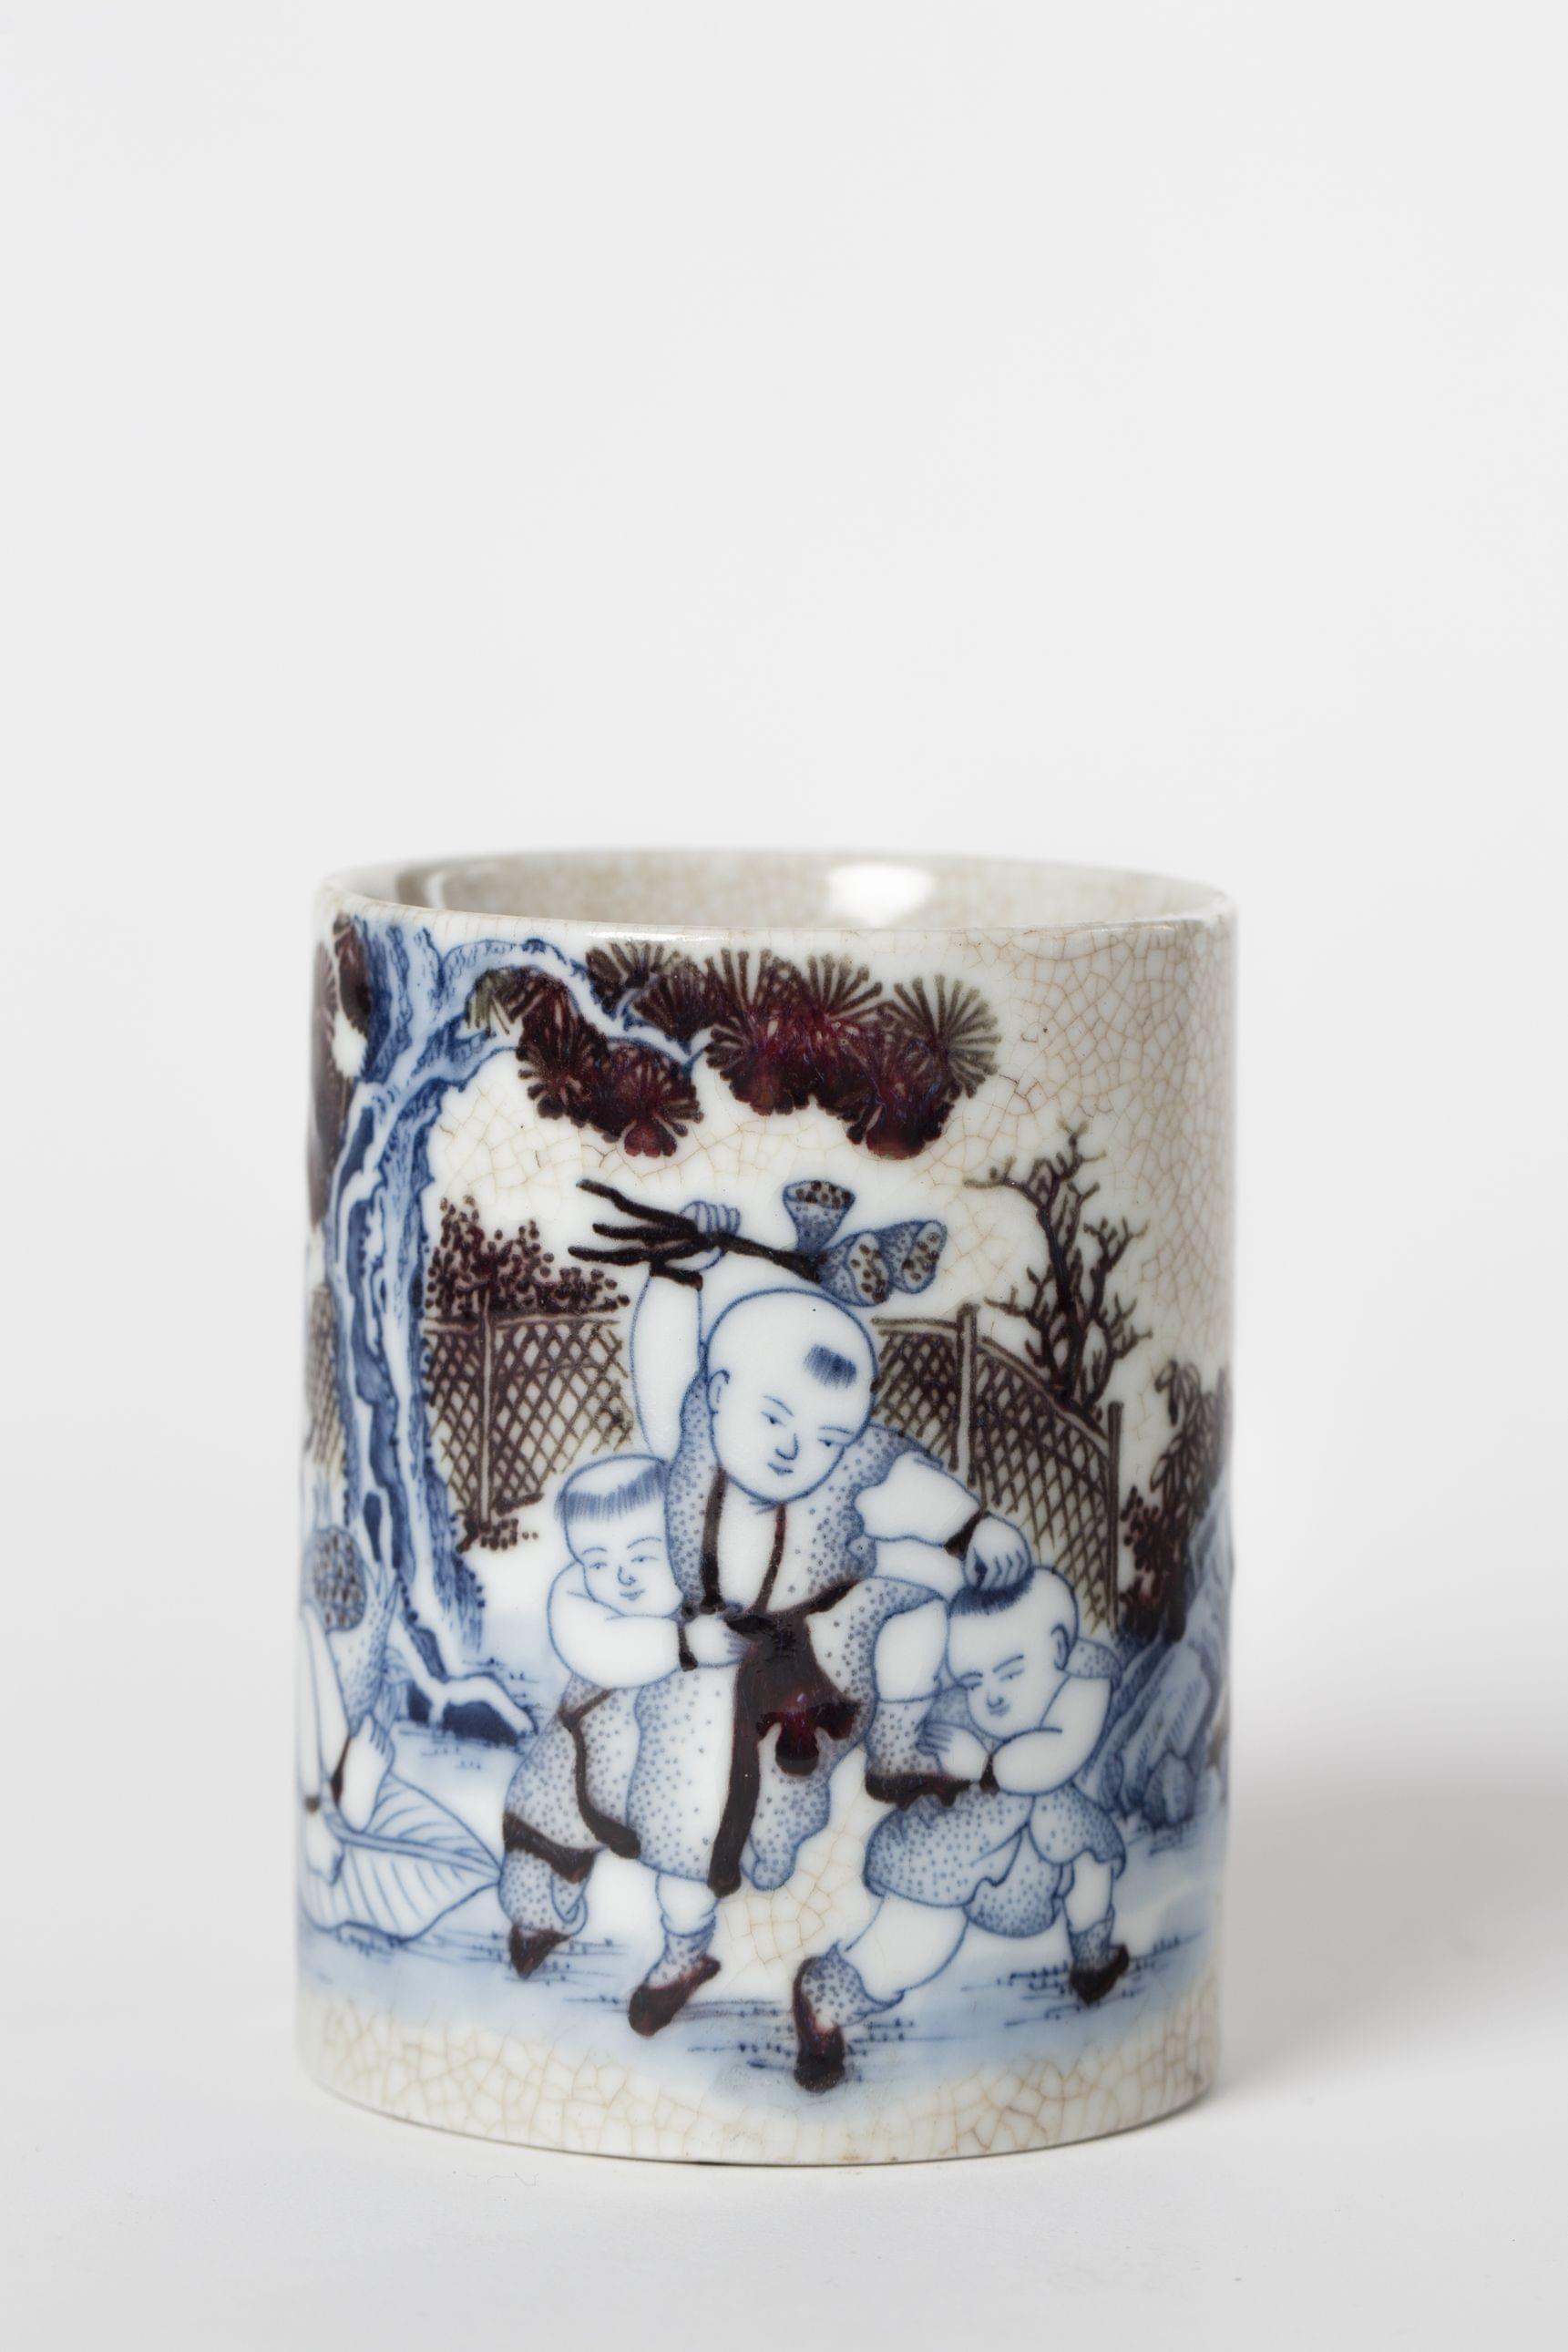 Pot à pinceaux, Chine, XIXe-XXe s